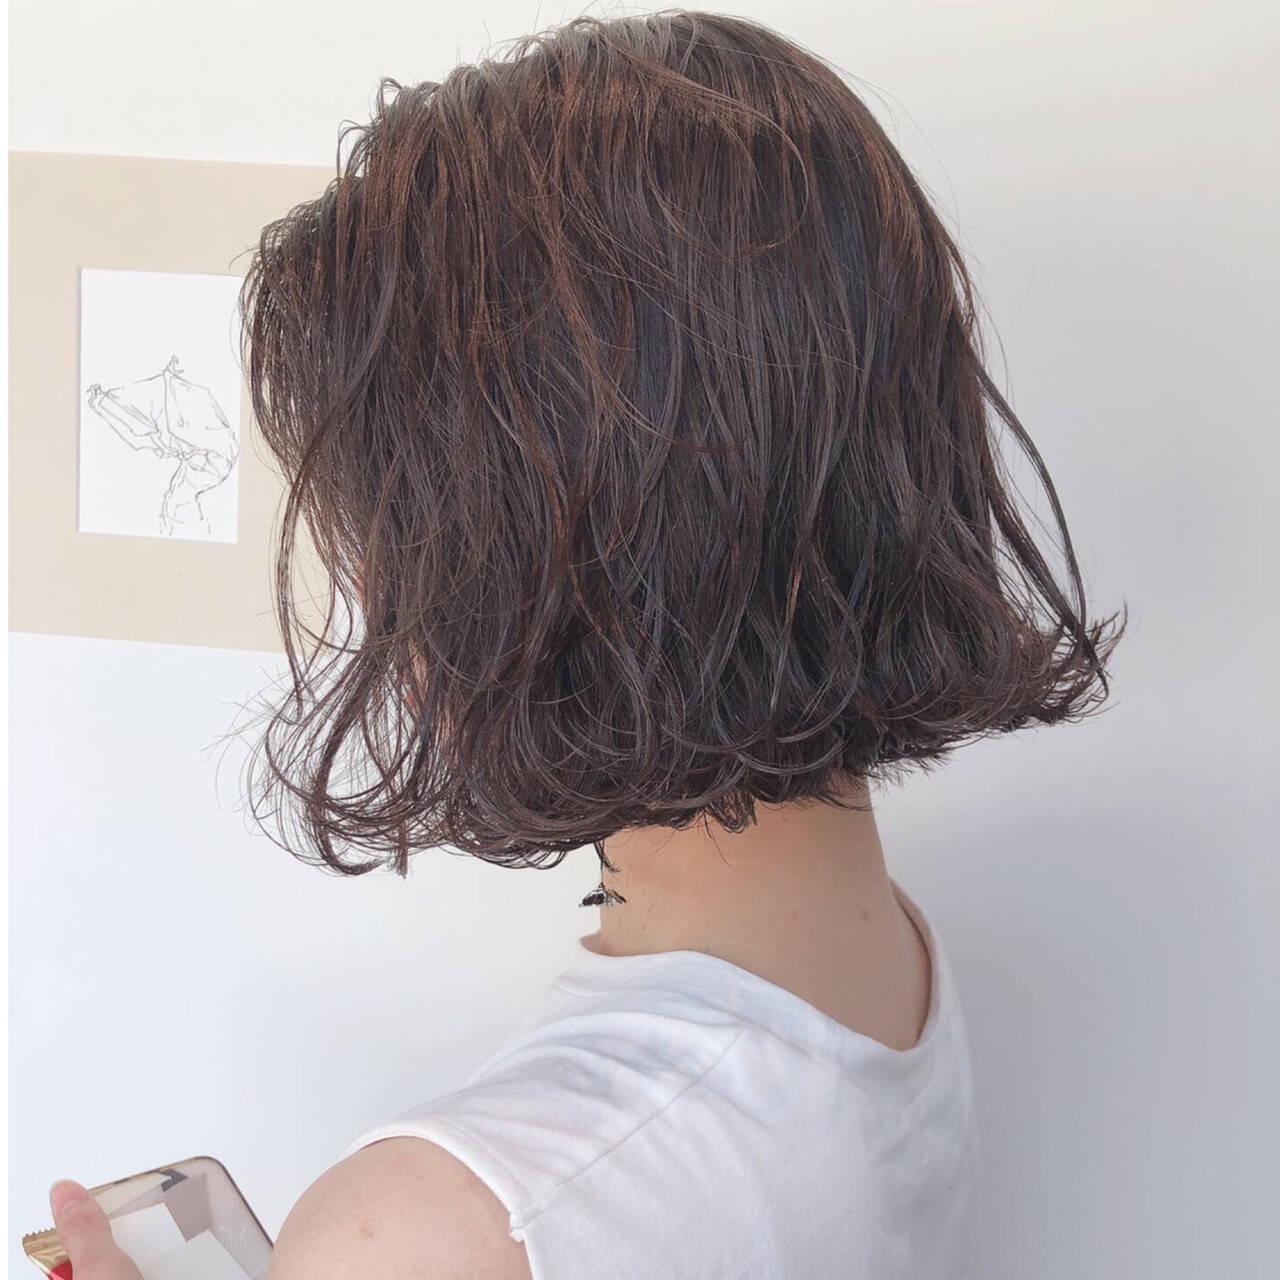 ボブ ナチュラル ラベンダーグレージュ アッシュグレージュヘアスタイルや髪型の写真・画像